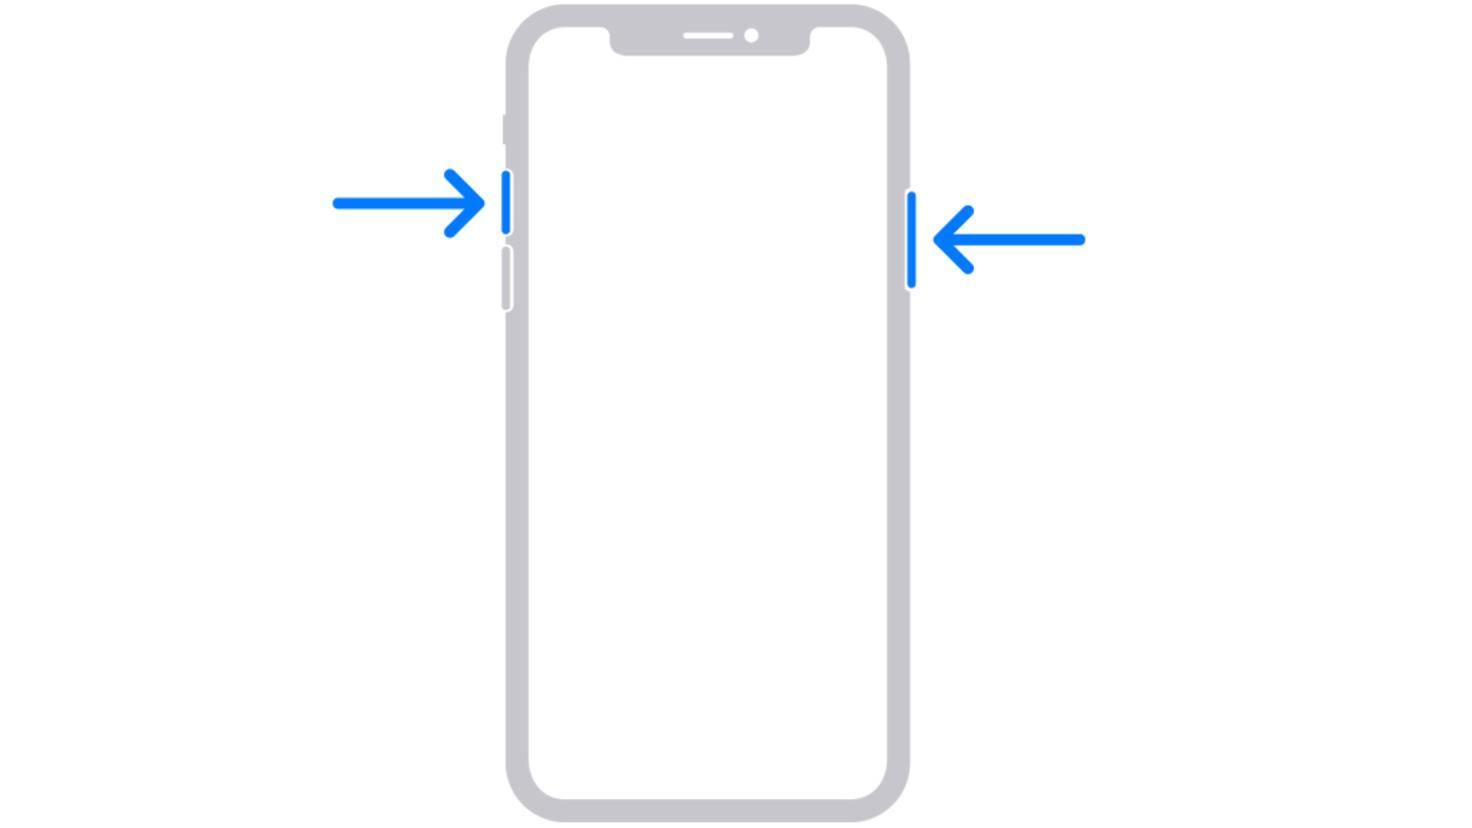 iPhone sans capture d'écran du bouton d'accueil